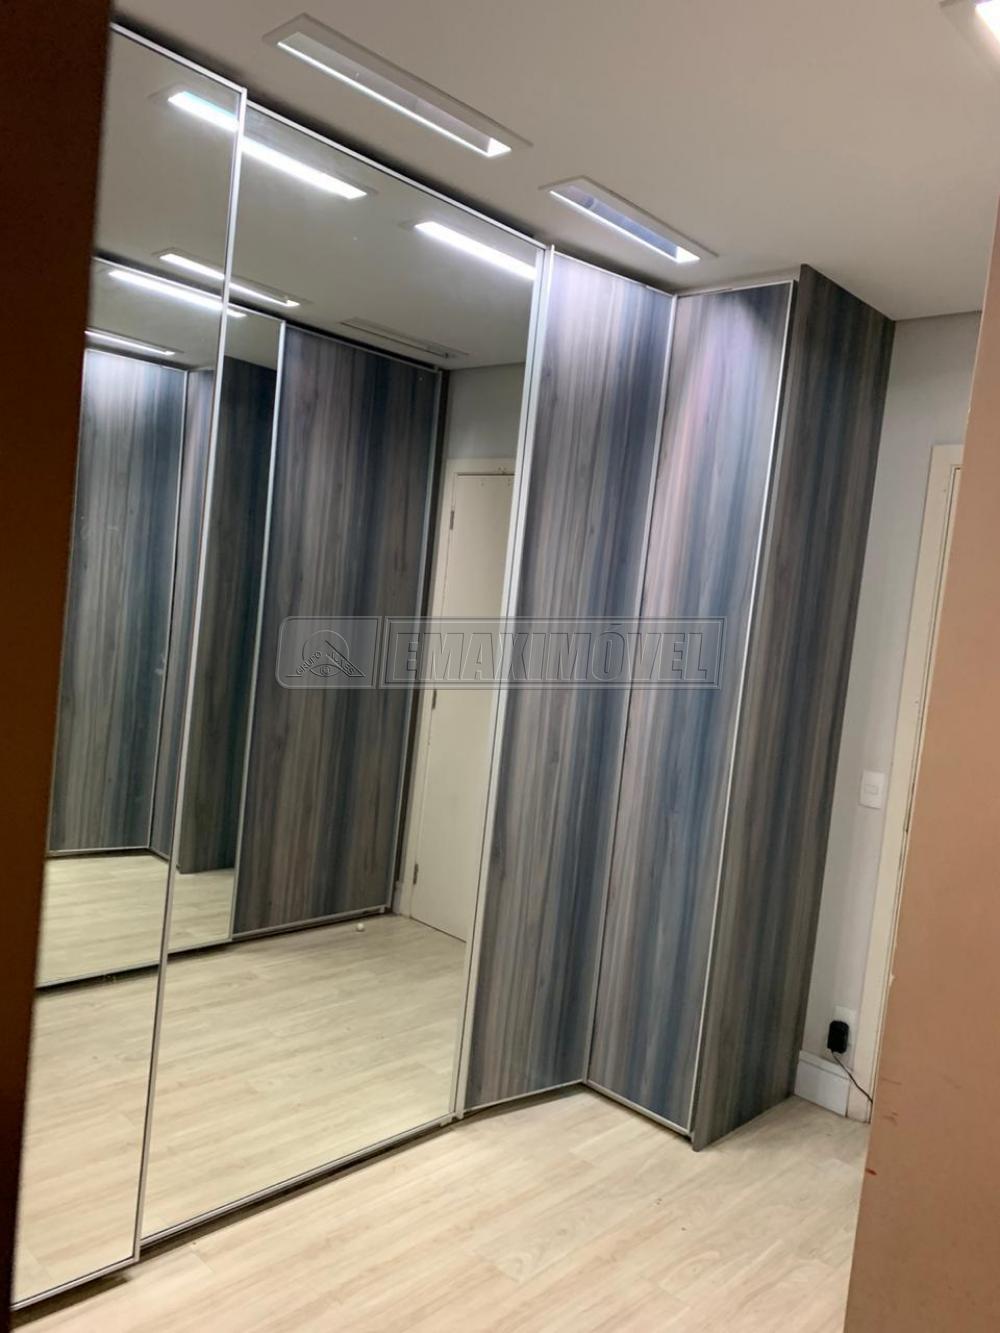 Comprar Apartamentos / Apto Padrão em Sorocaba apenas R$ 2.500.000,00 - Foto 12